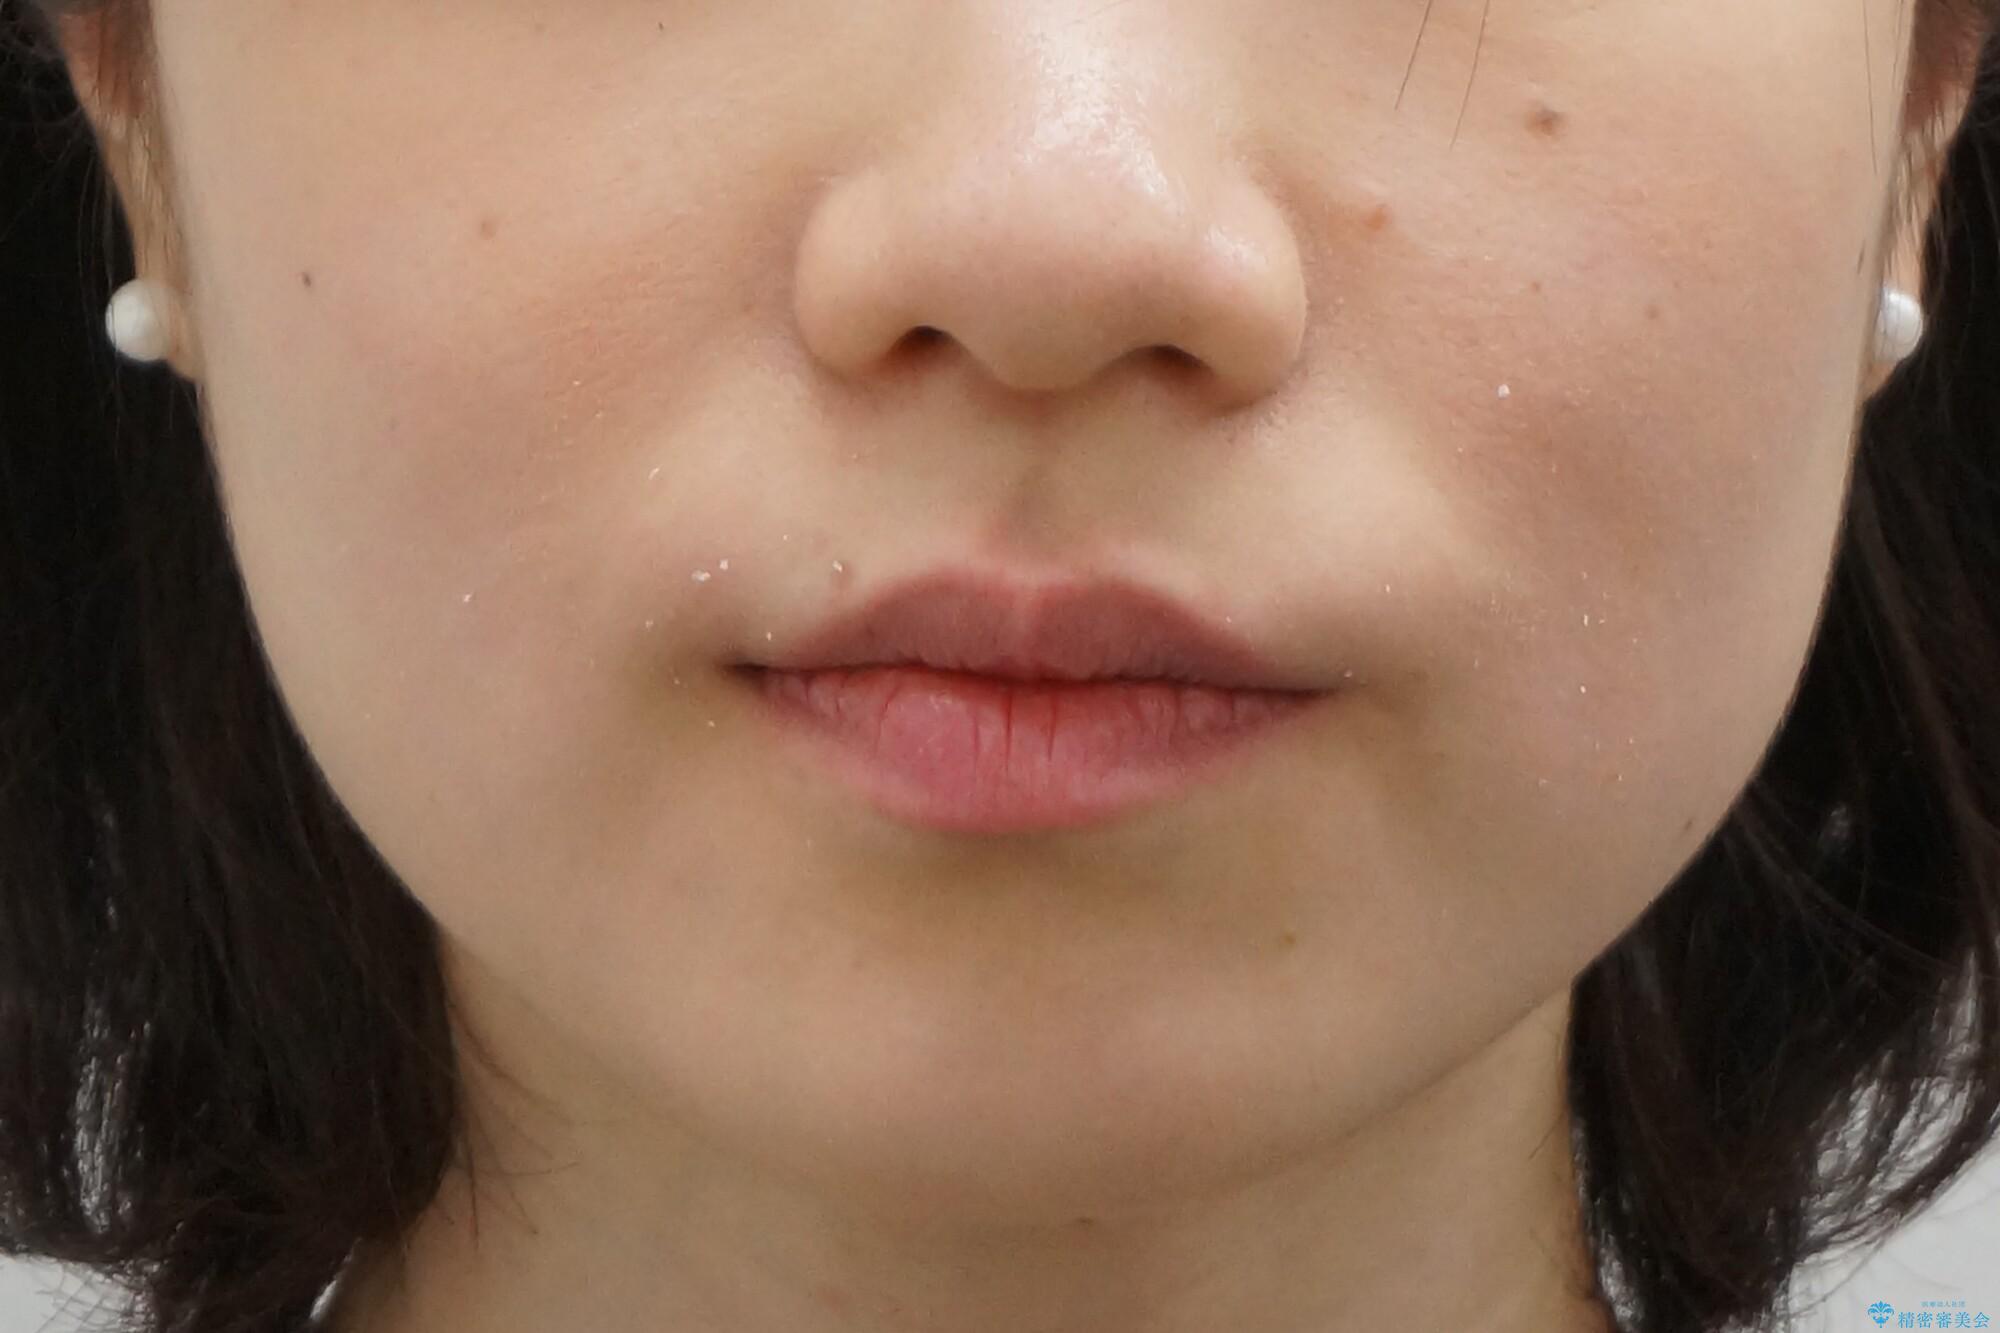 前歯が気になる 大人のマウスピース矯正 矮小歯を整えるの治療前(顔貌)